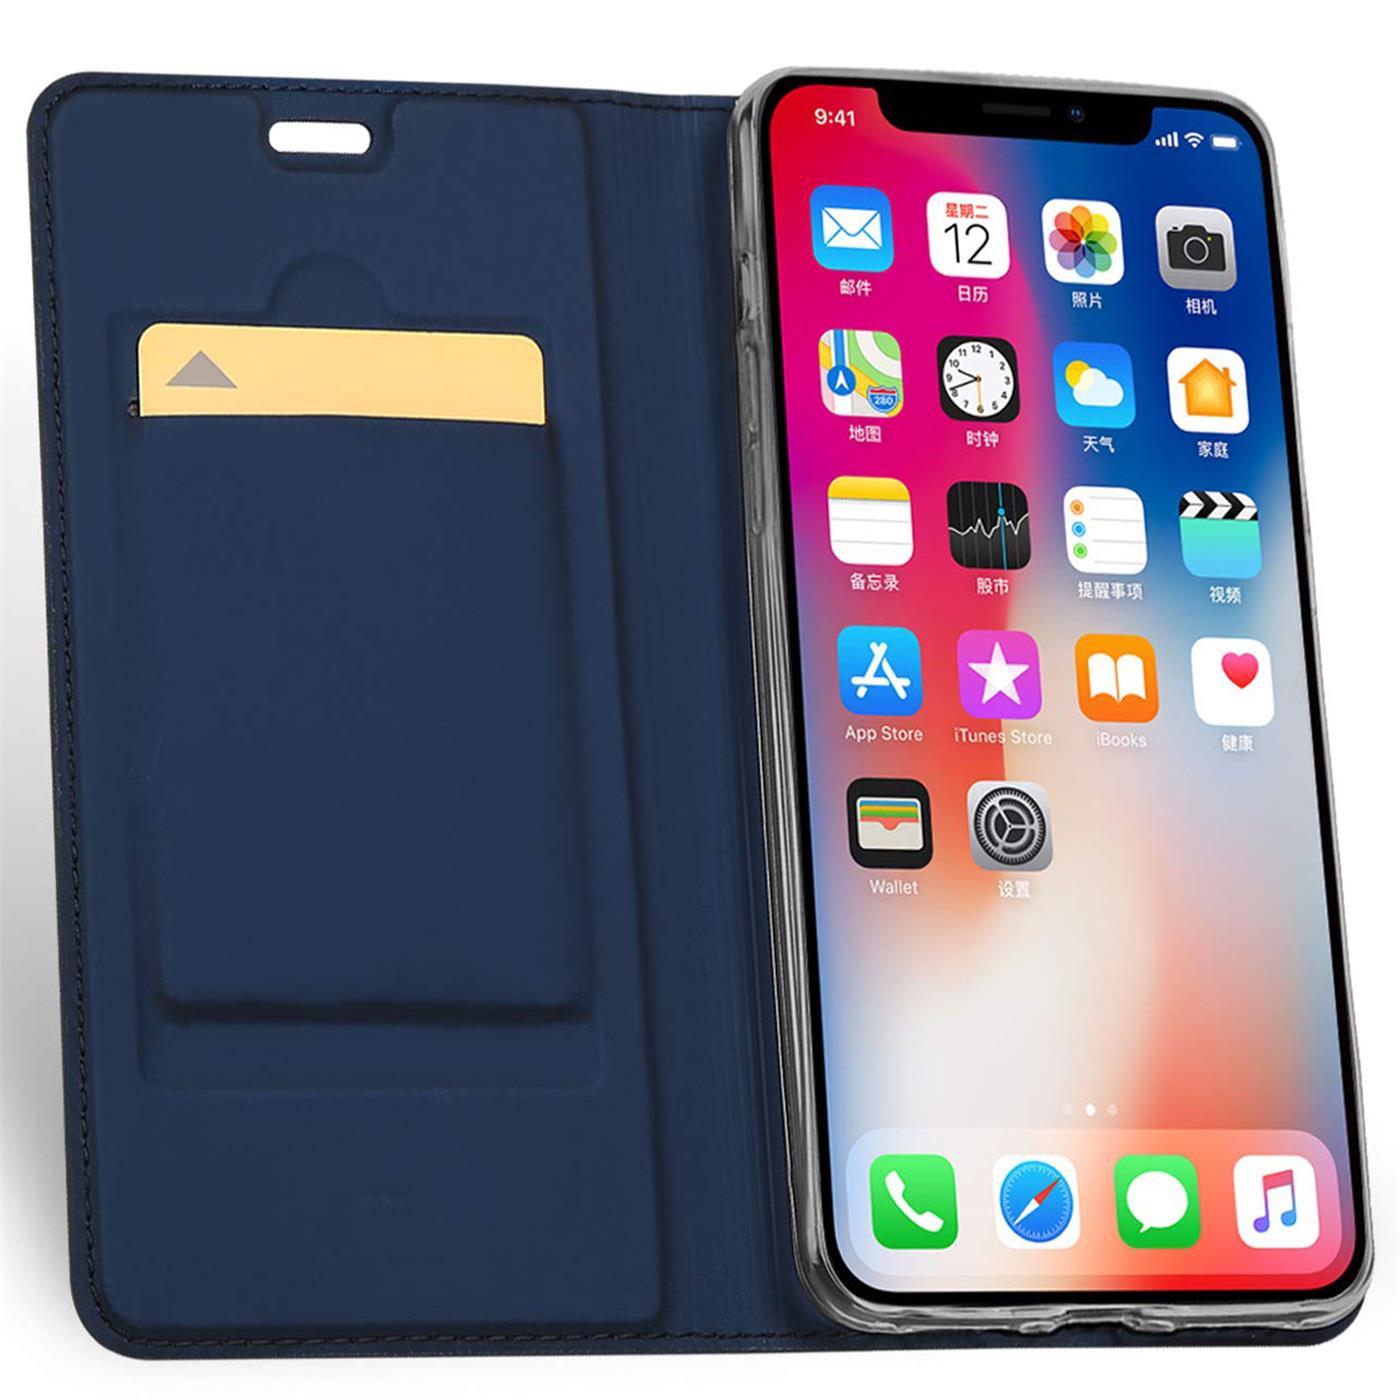 Handyhuelle-Klapp-Tasche-Etui-Schutz-Huelle-Slim-Flip-Cover-Book-Bag-Case-Wallet Indexbild 23